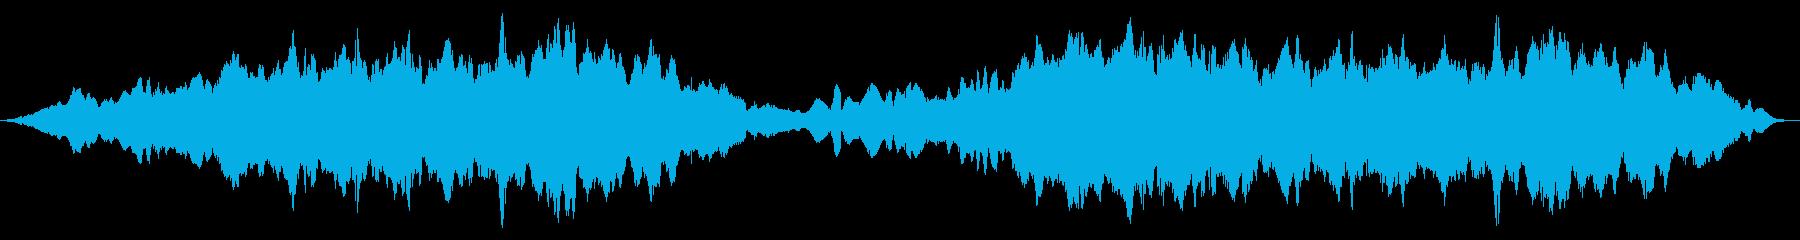 スペースドローン:メタリックFmデ...の再生済みの波形